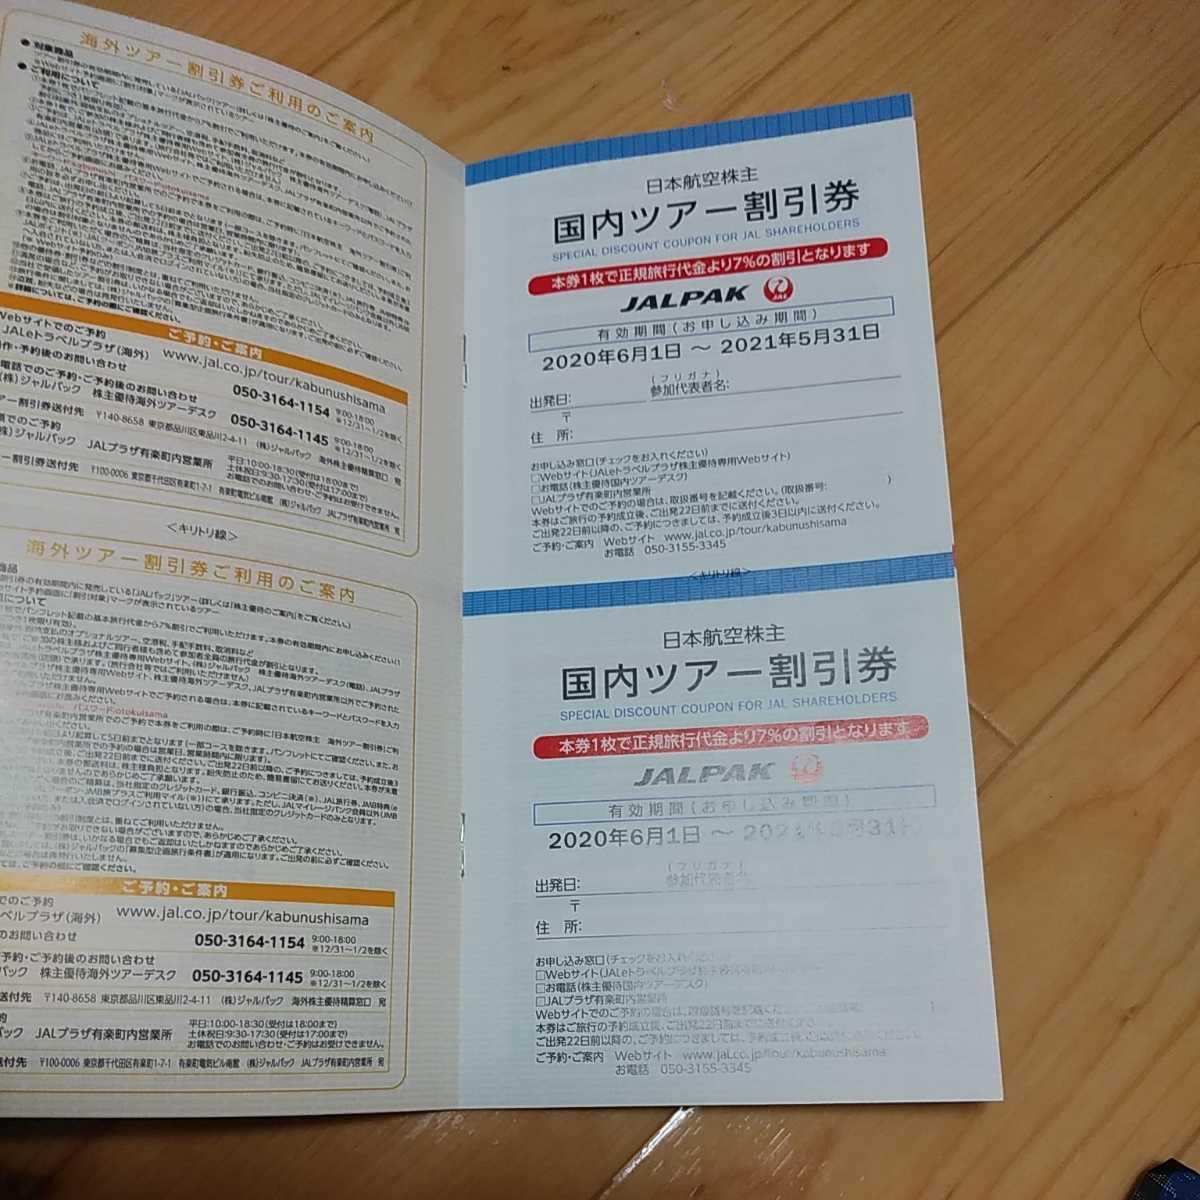 JAL・7%割引・株主優待冊子 JALPAK(ジャルパック)海外・国内ツアー割引券 2021年5月末期限 日本航空_画像1